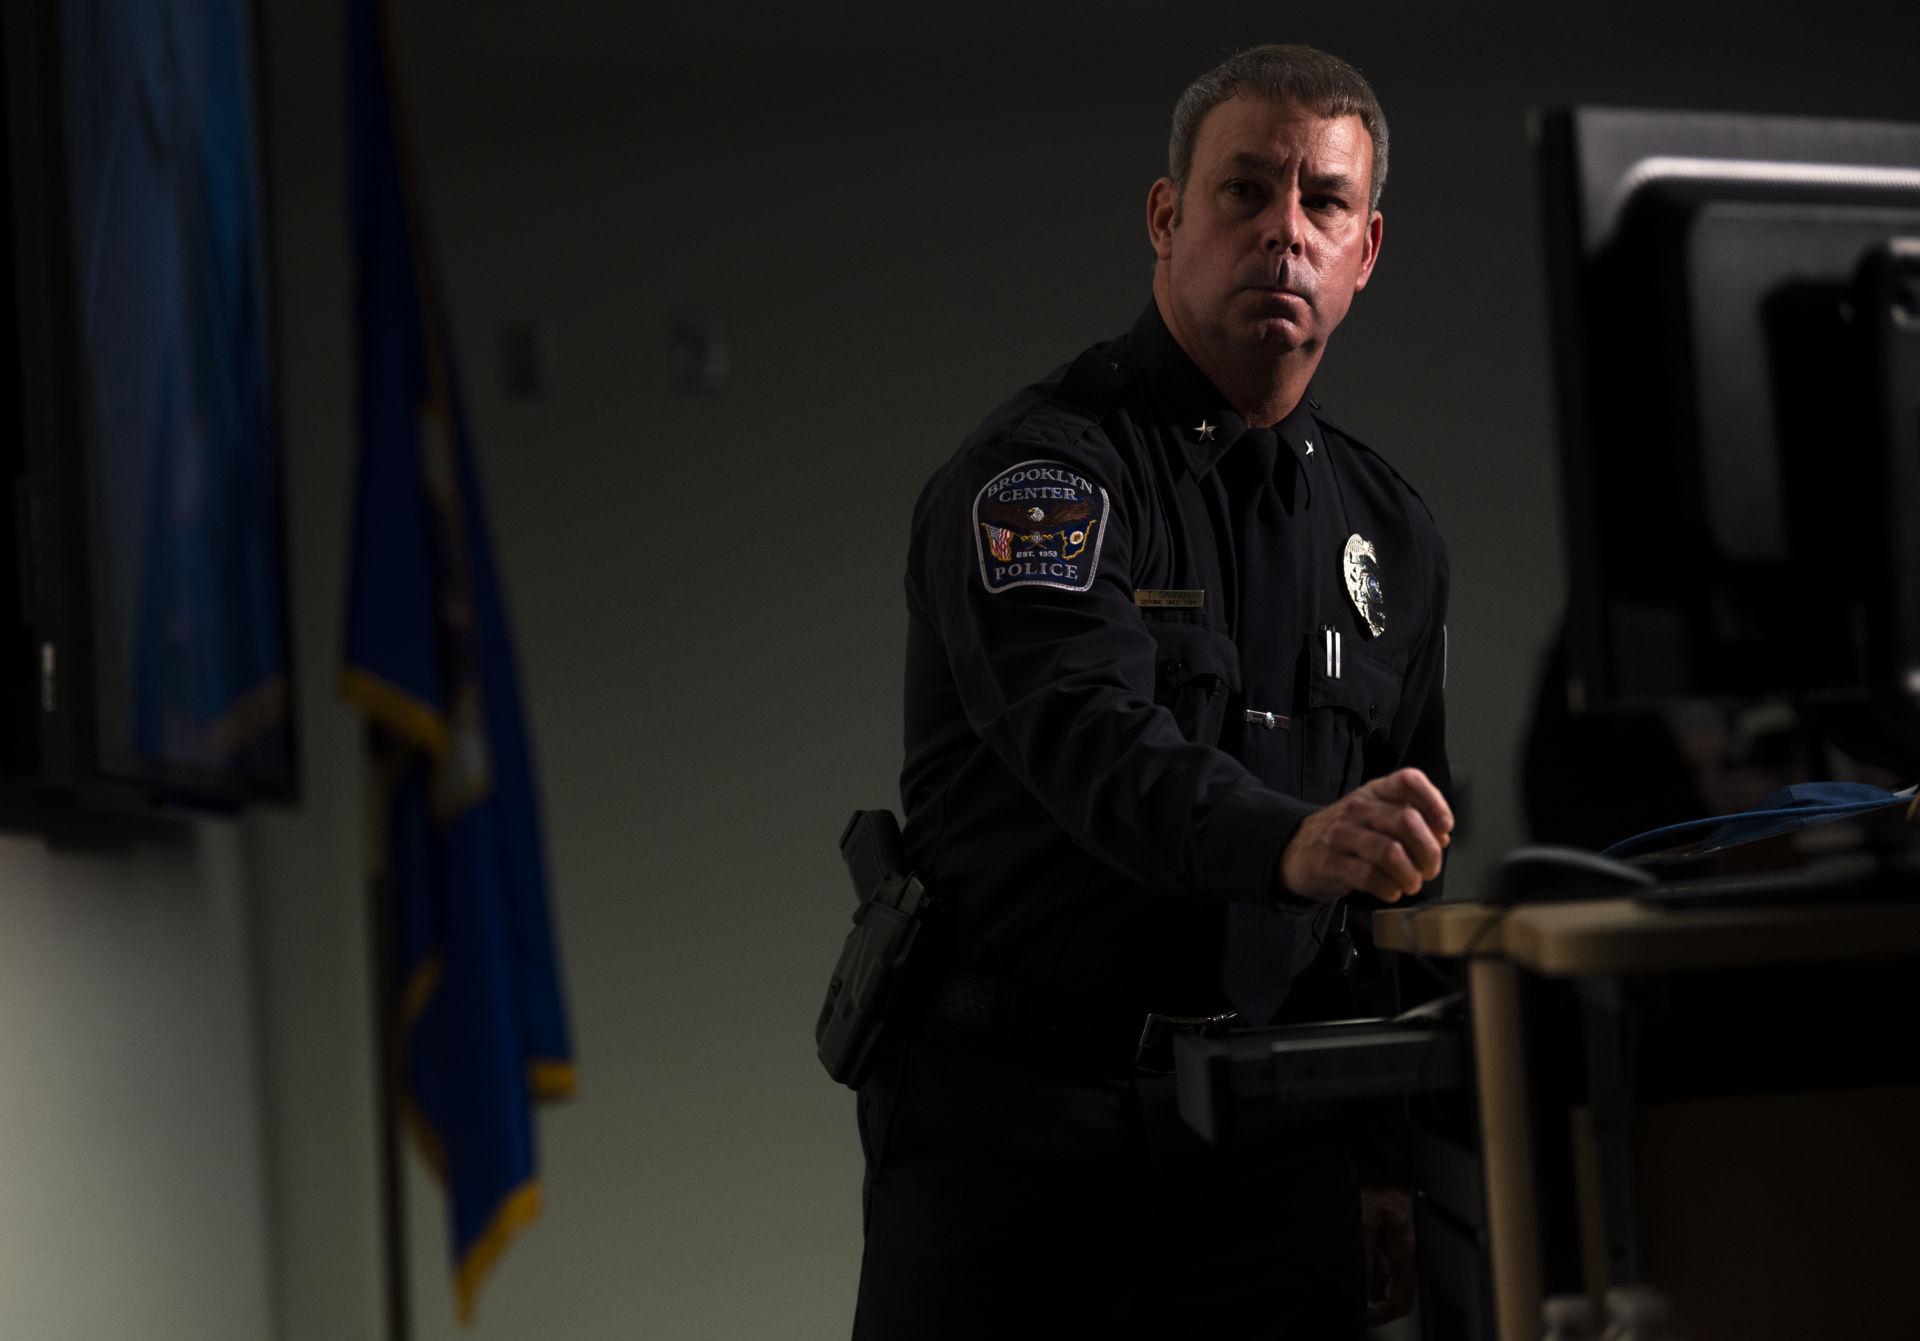 Cảnh sát viên bắn chết Daunte Wright, cảnh sát trưởng Brooklyn Center cùng từ nhiệm